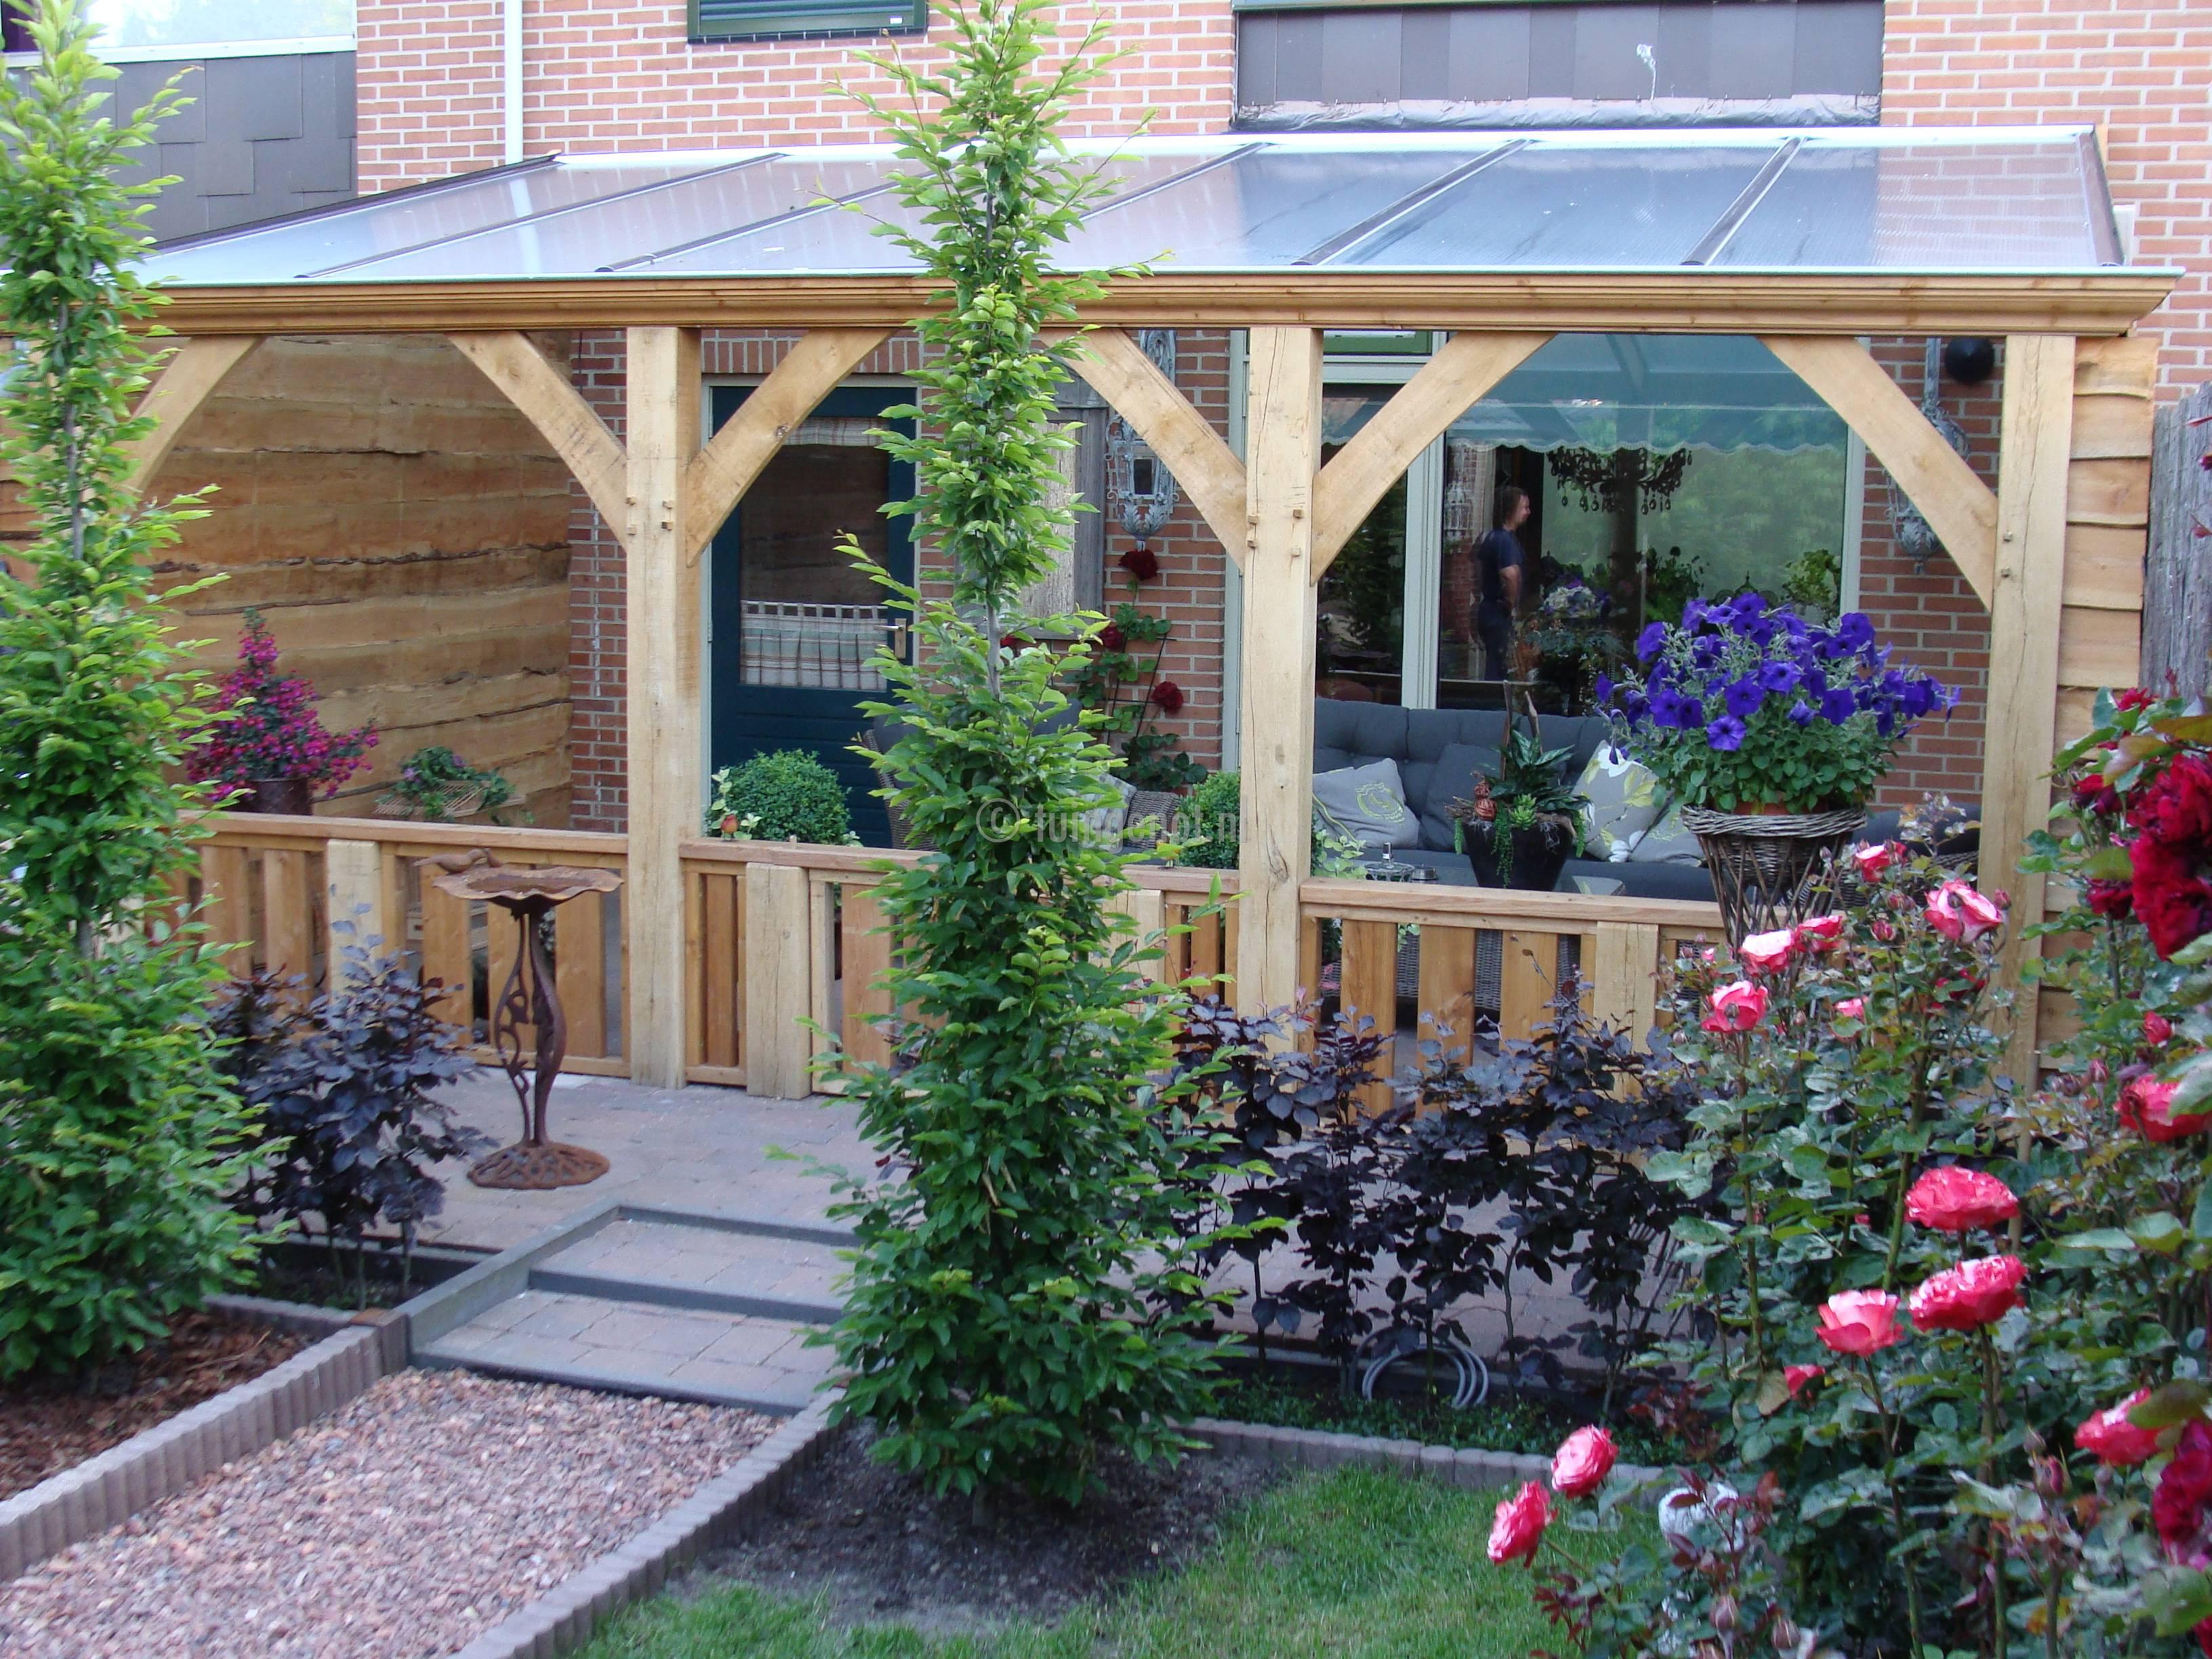 Tuingenot eikenhouten veranda met zinken goten daken van glas polycarbonaat platen - Veranda ou uitbreiding ...